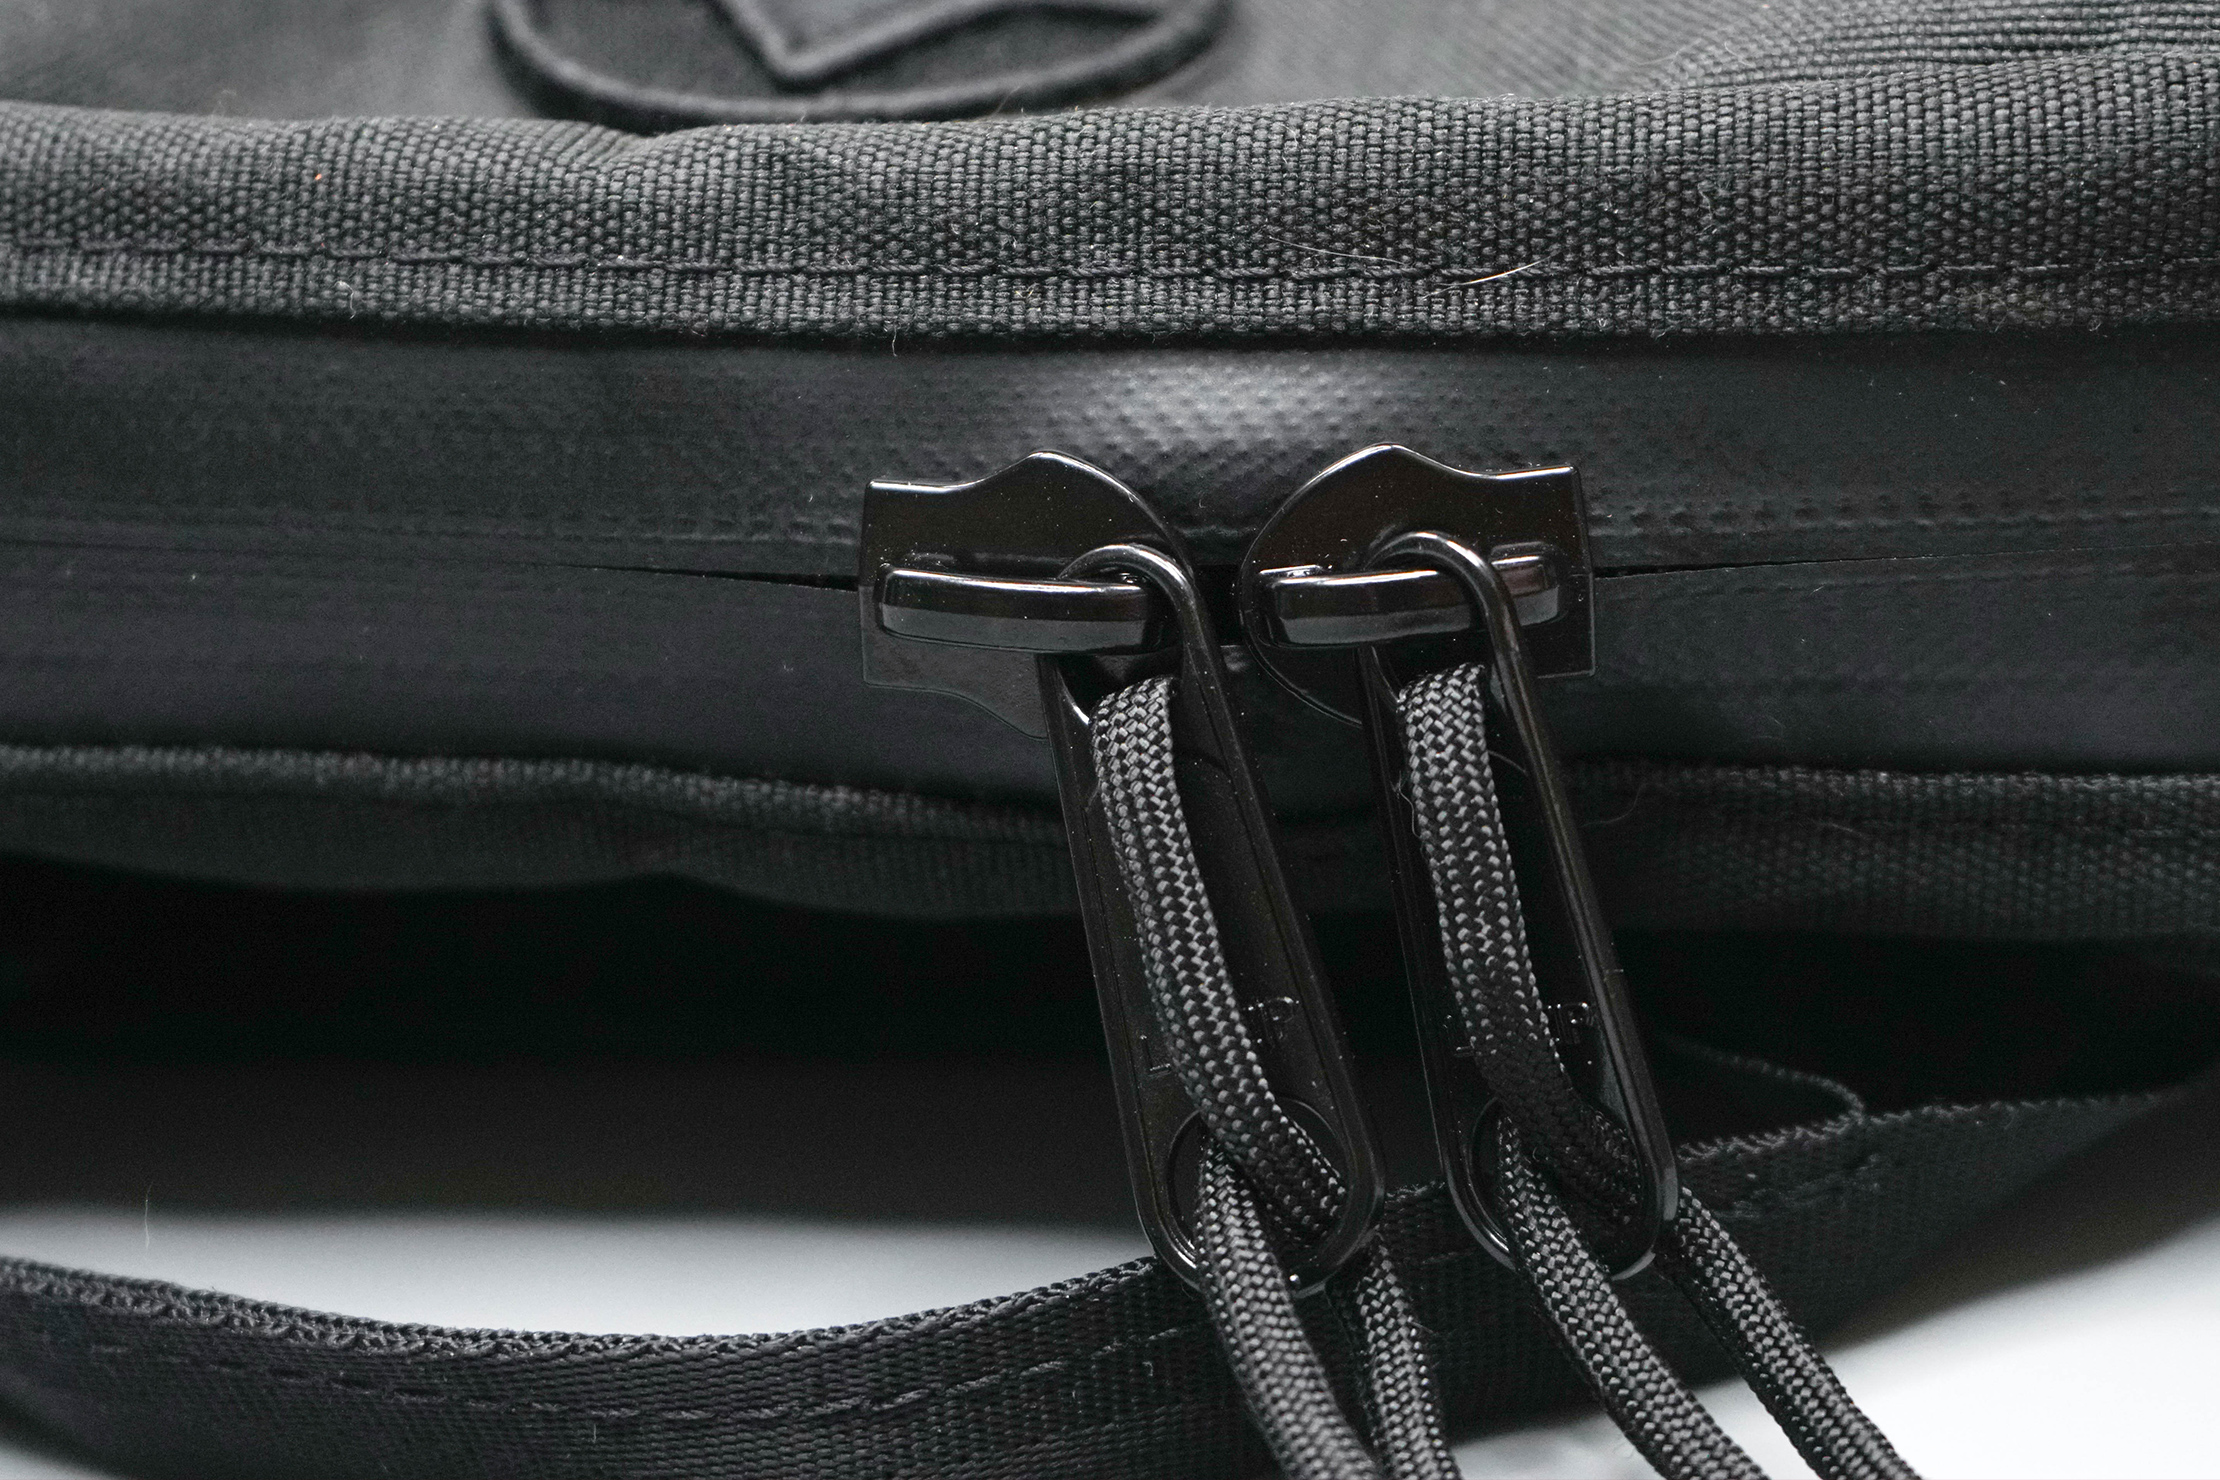 North St. Bags Weekender Meeting Bag Zippers